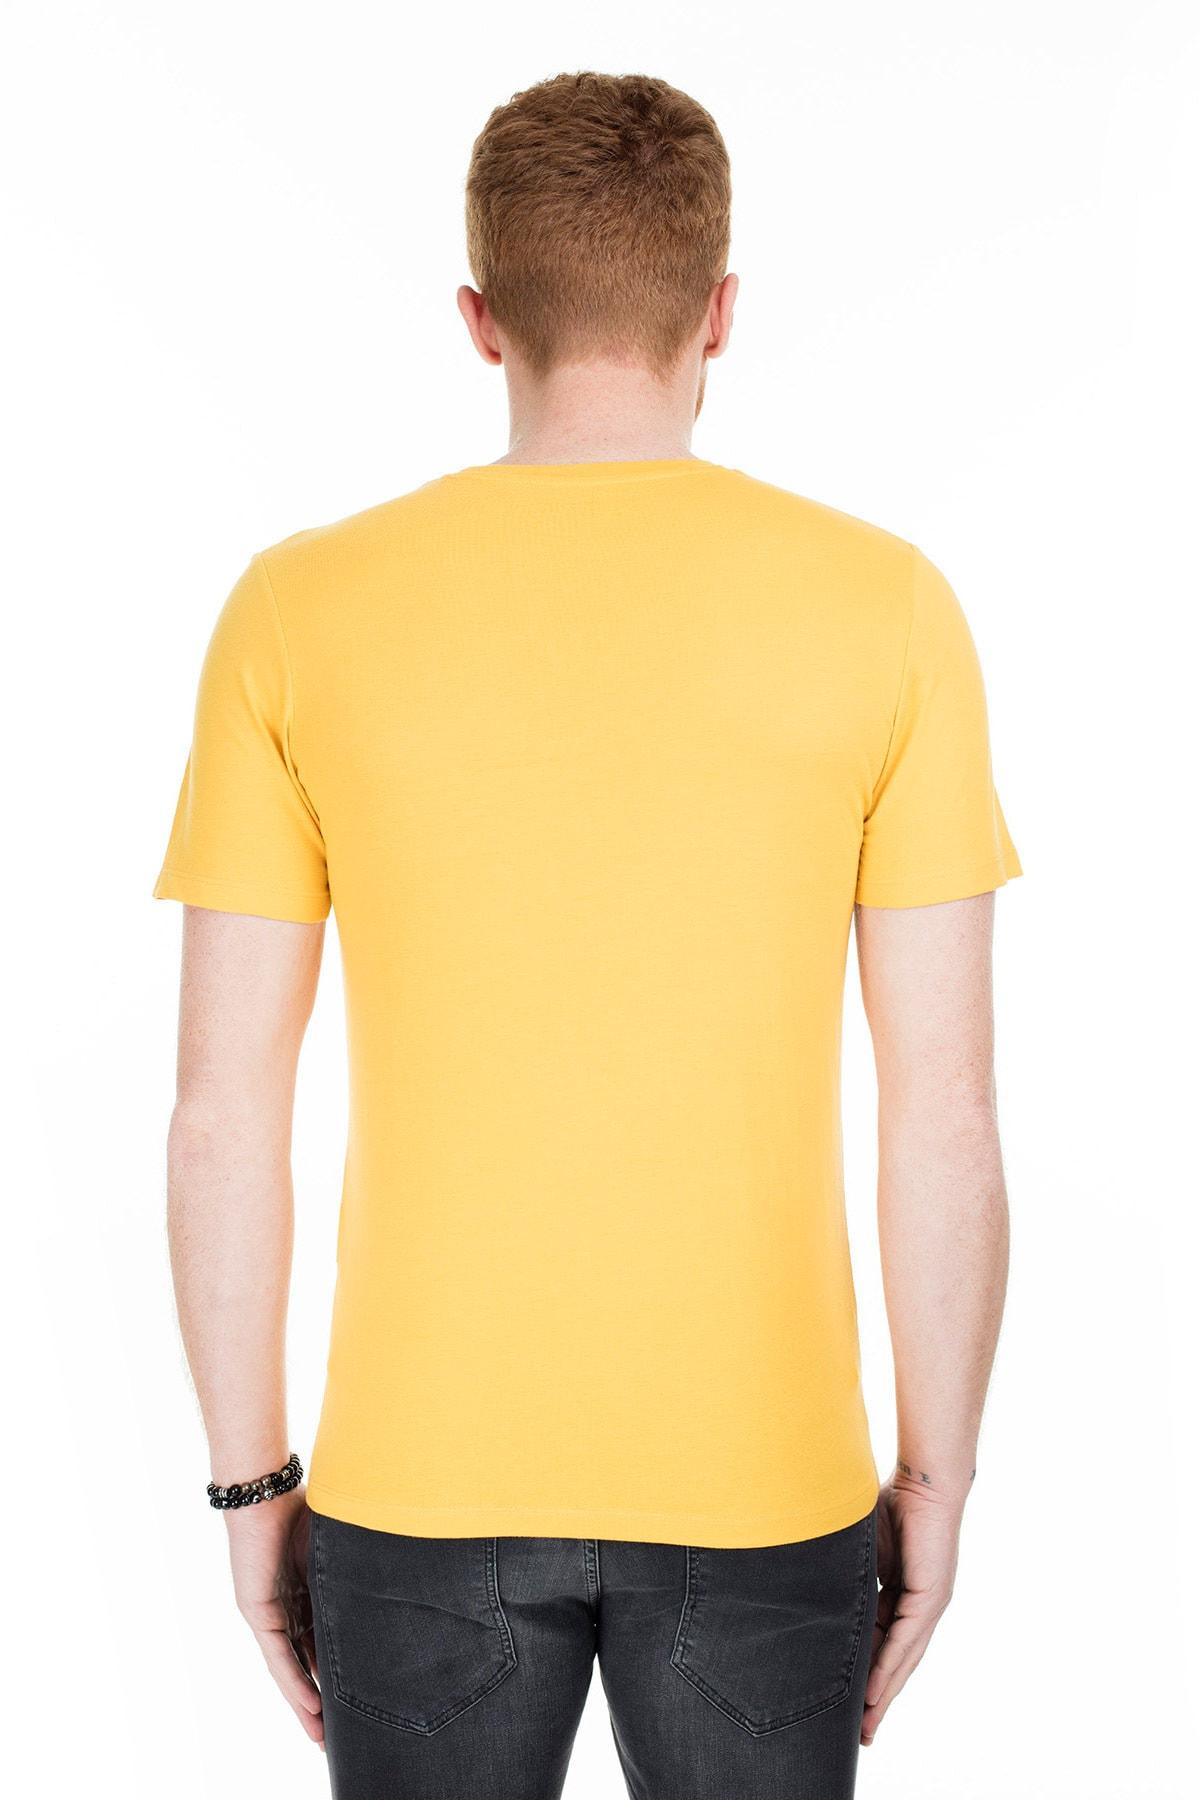 Jack & Jones T-Shirt - Lee Core Tee Ss 12179376 2